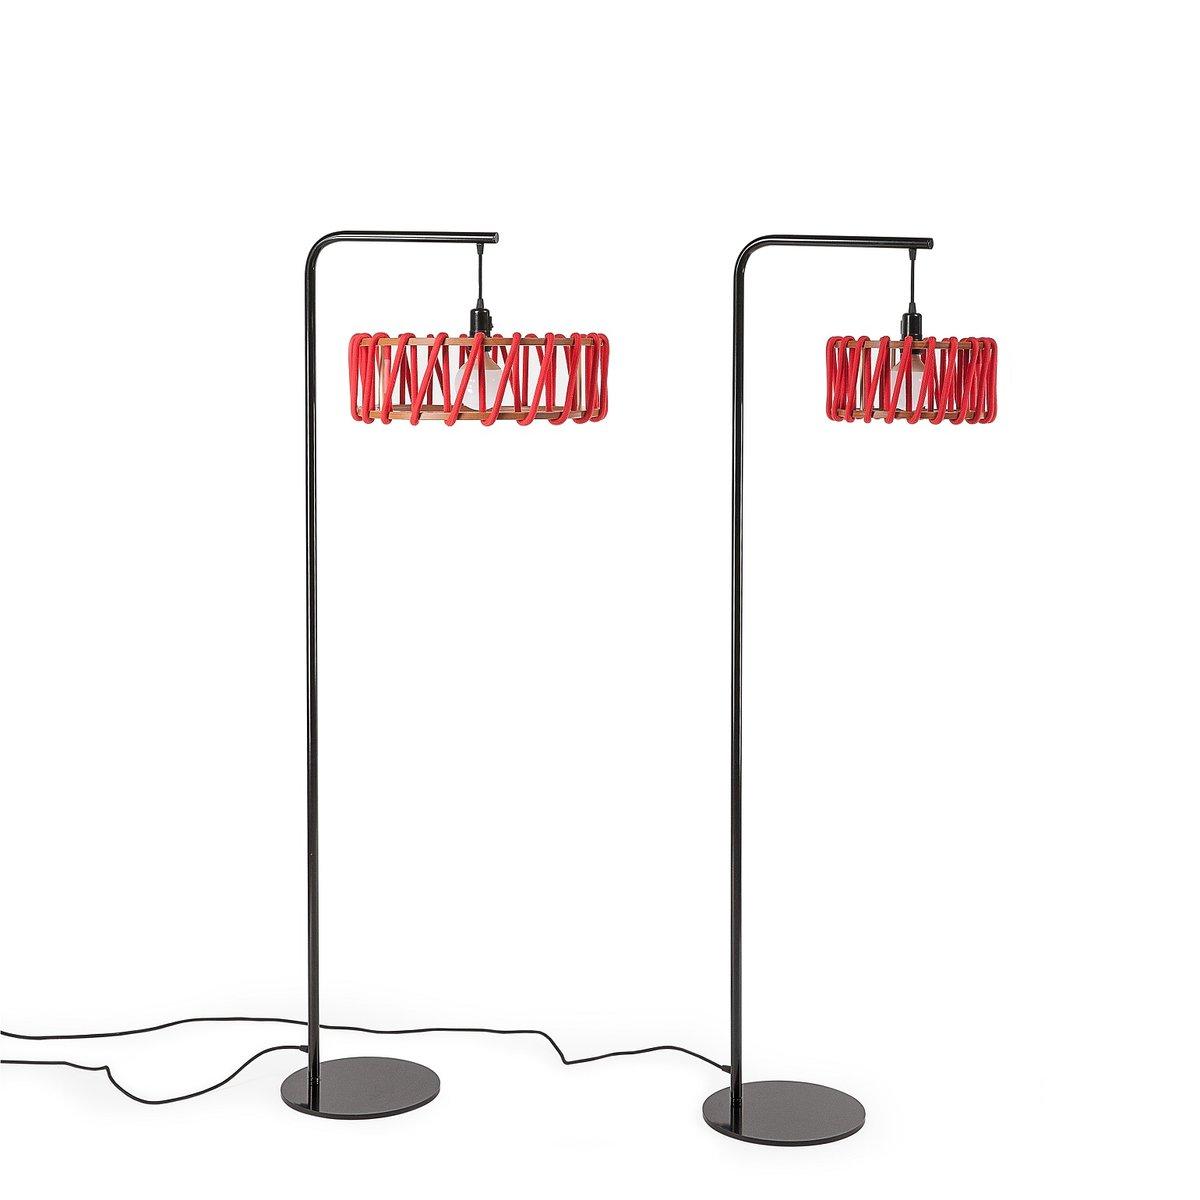 schwarze macaron stehlampe mit gro em roten schirm von silvia ce al f r emko bei pamono kaufen. Black Bedroom Furniture Sets. Home Design Ideas